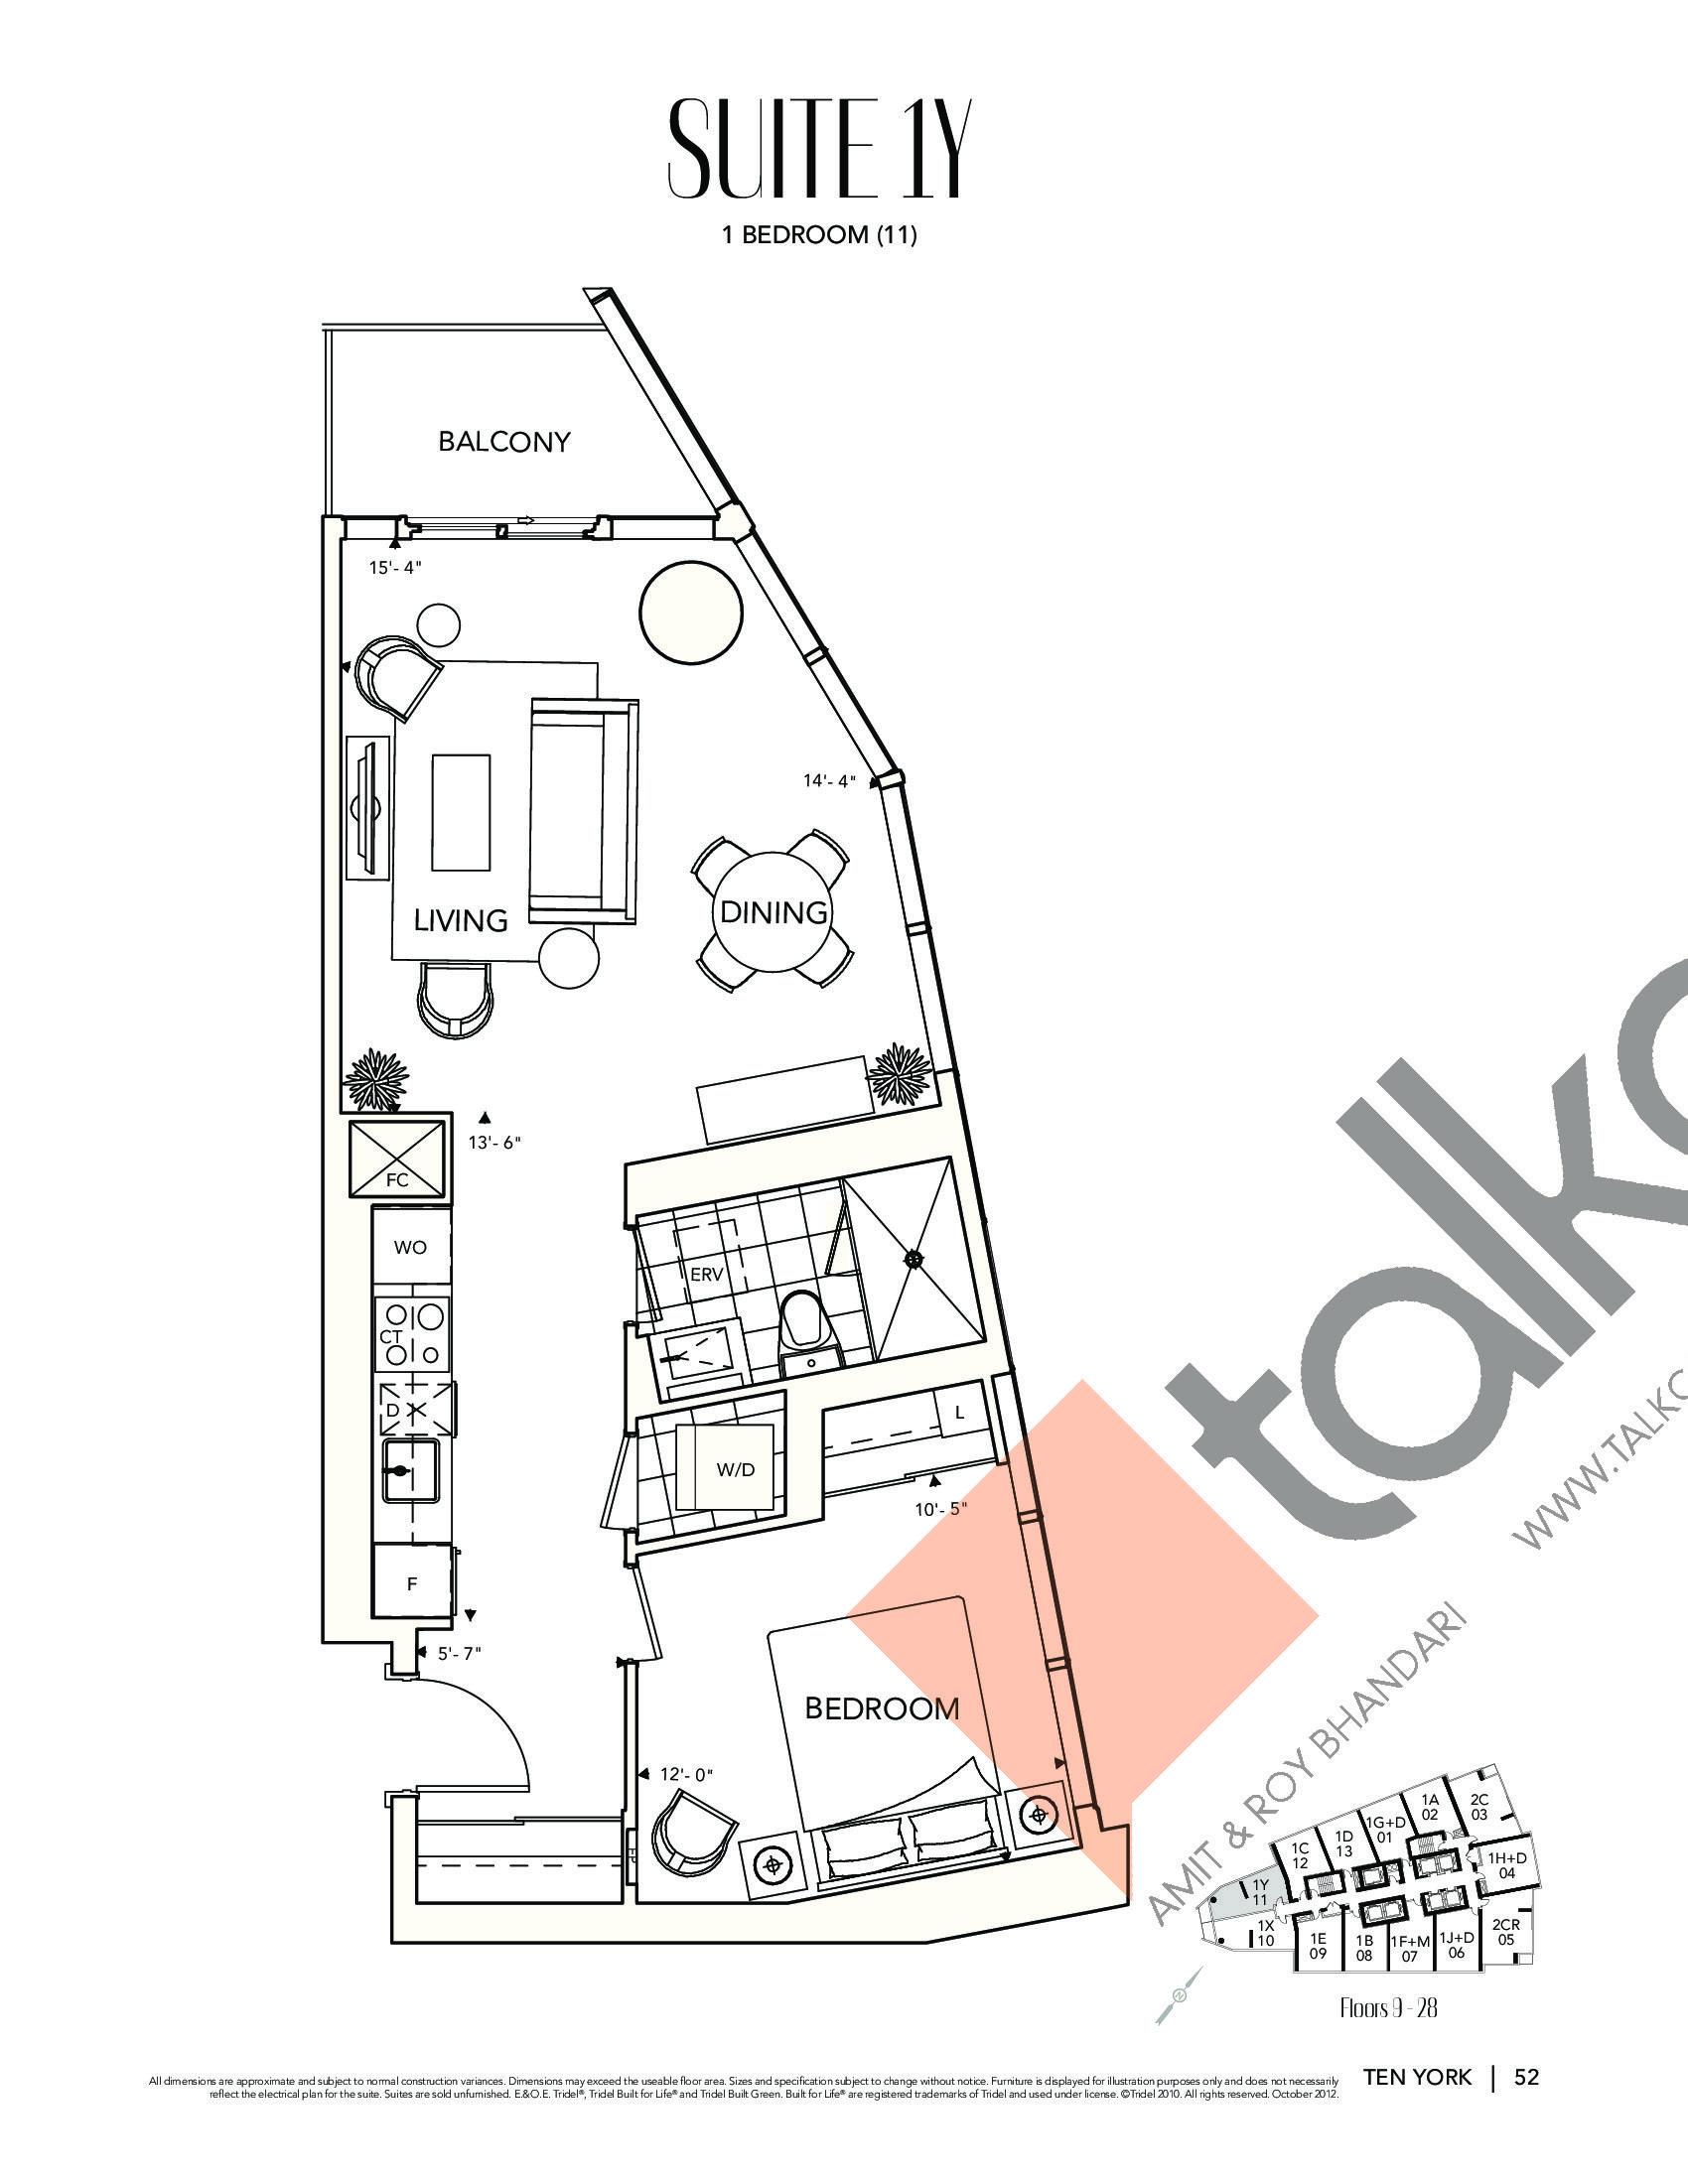 Suite 1Y Floor Plan at Ten York Condos - 639 sq.ft